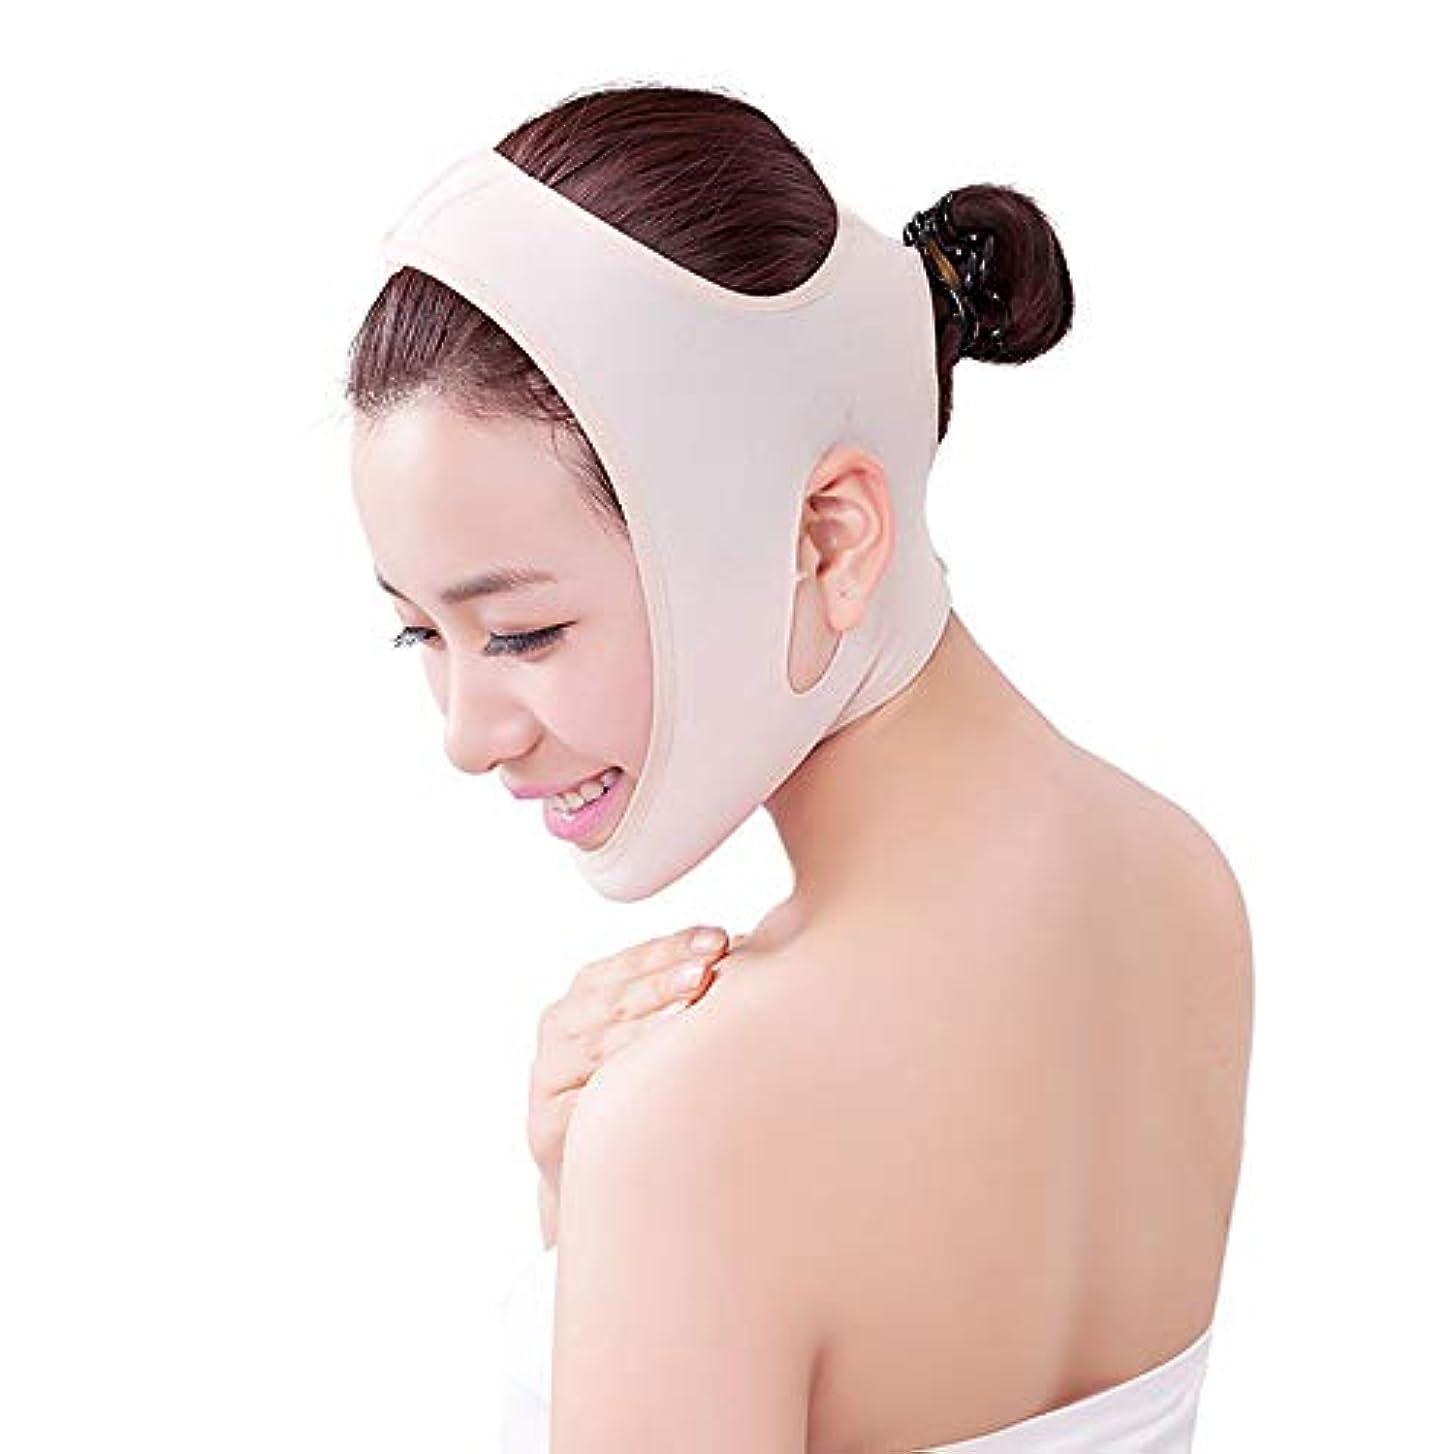 取り消す骨の折れる染料薄いフェイスベルト - 薄いフェイスVフェイス薄いダブルチンは男性と女性の包帯をフランスのフェイシャルリフトマスクインストゥルメントに締め付けます (サイズ さいず : S s)